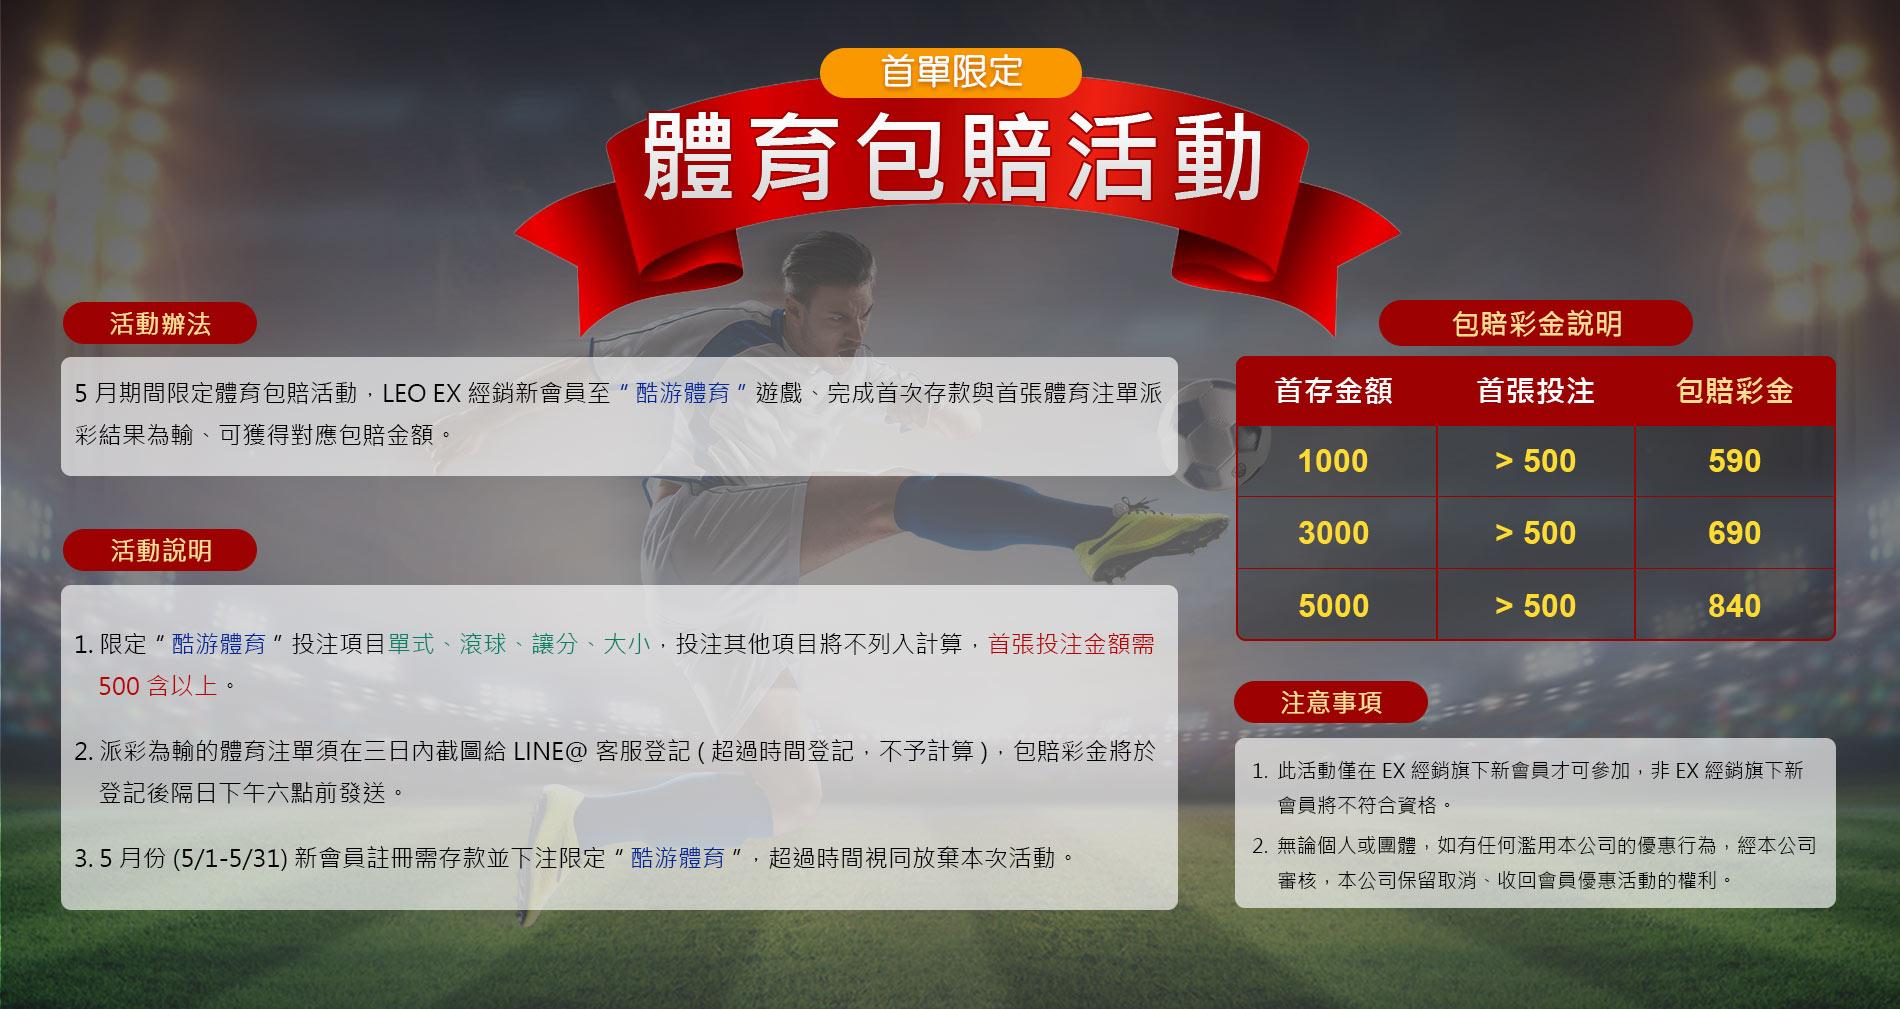 泰京娛樂城-九州體育投注推薦LEO娛樂城新註冊體驗金和運彩包賠活動